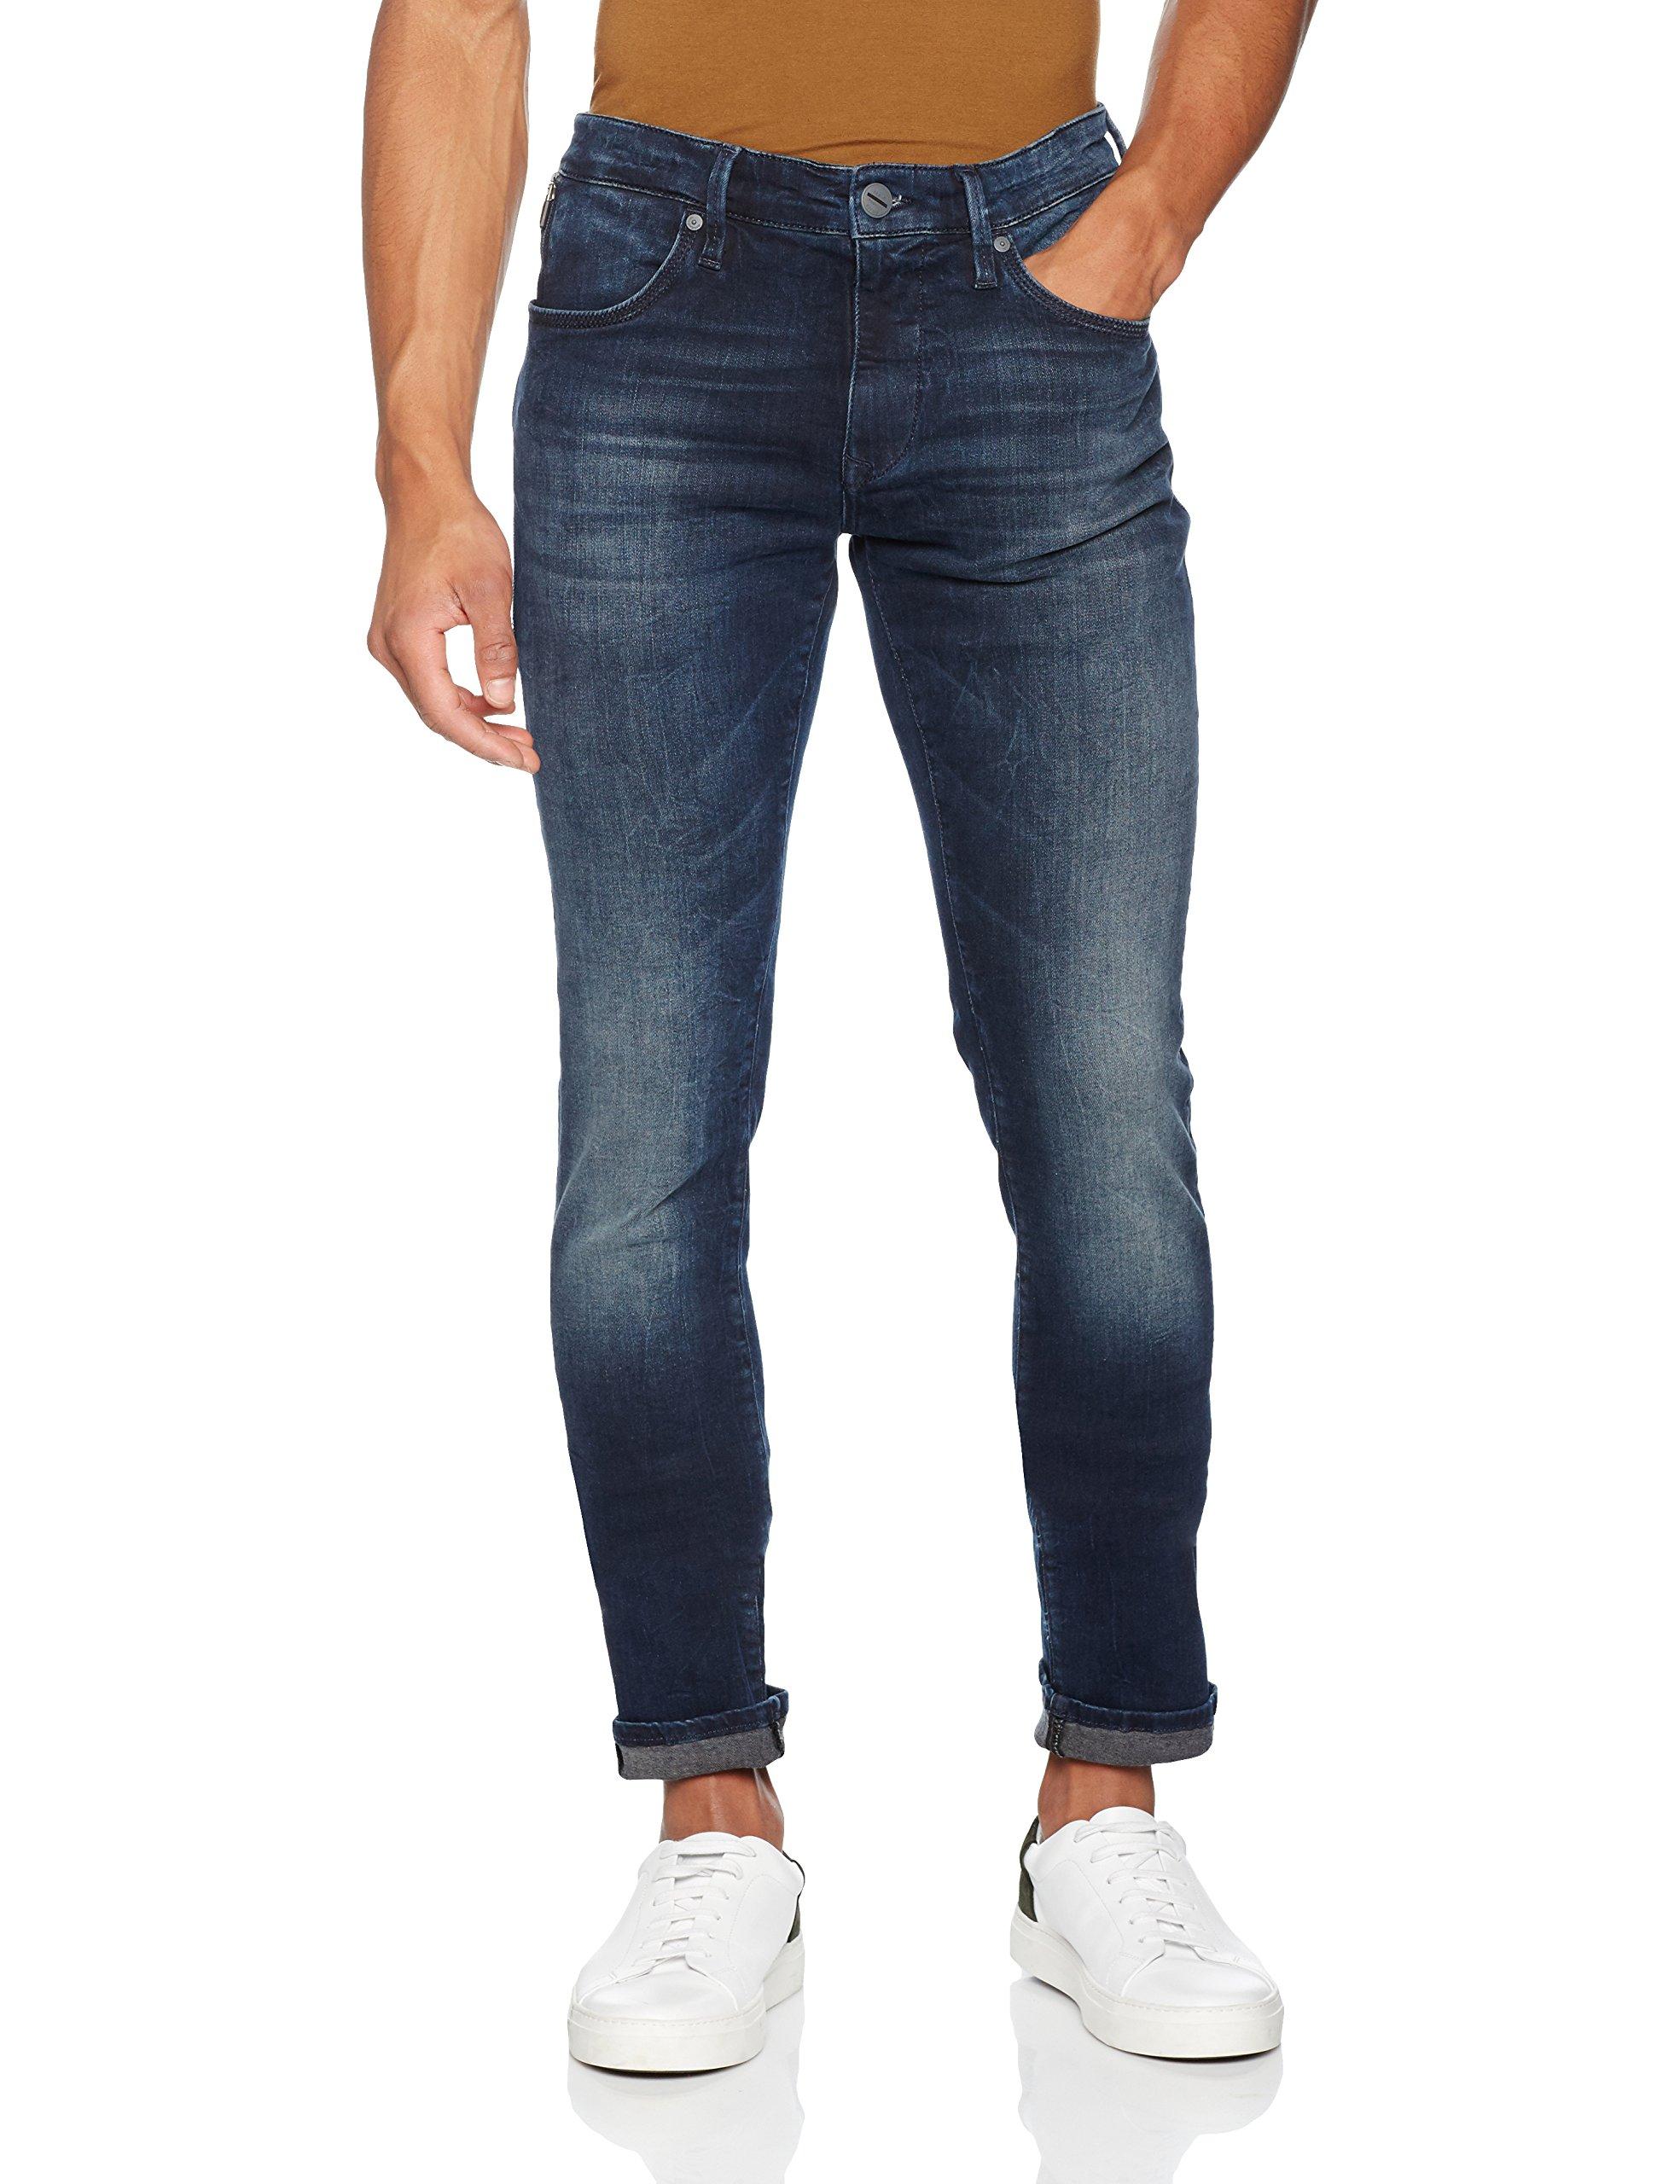 Bleuink l30 Ultra Move MaviJeans Homme 12897W34 Skinny Brushed VpSzGUMq